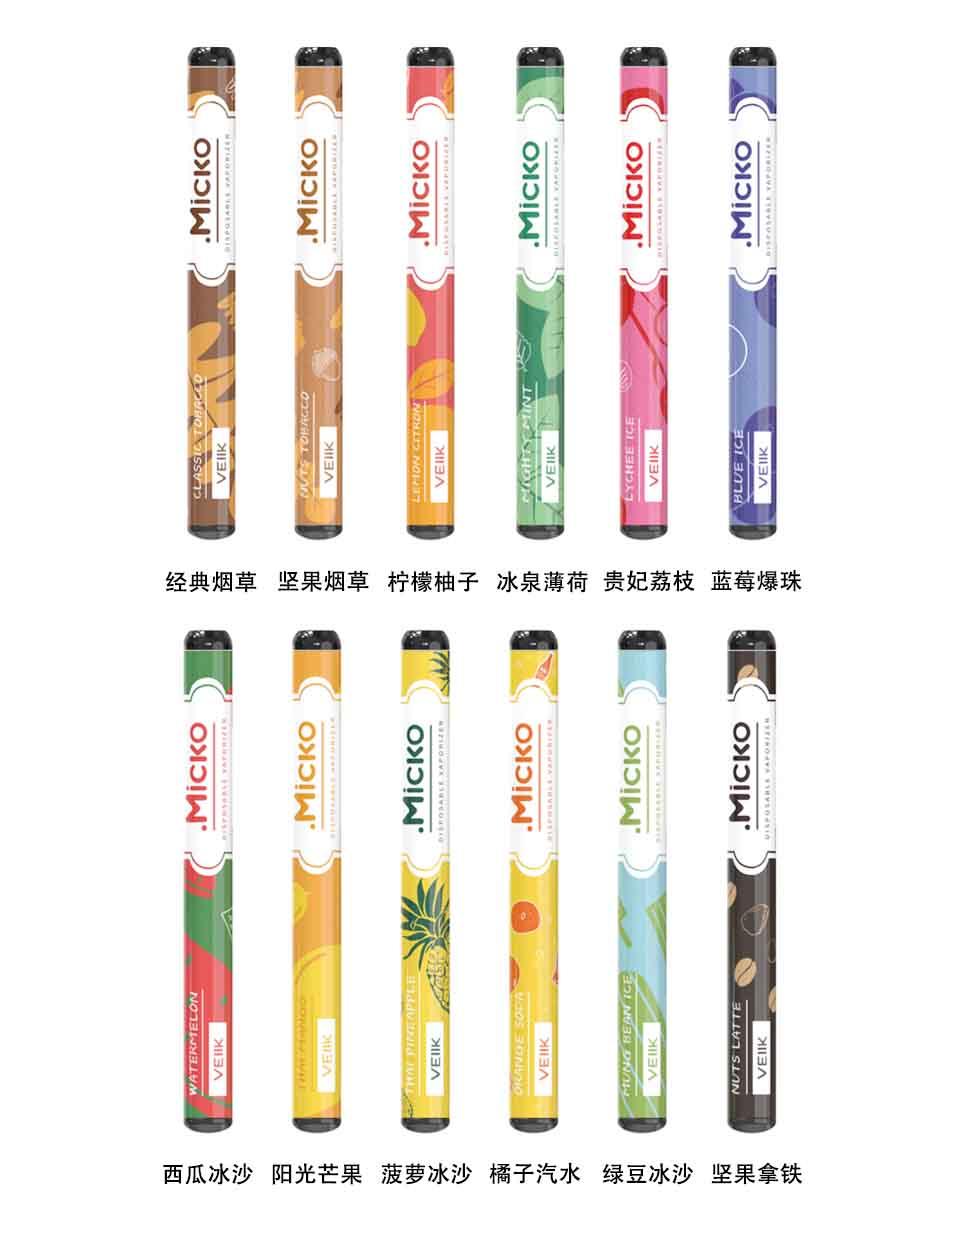 micko小烟中文版详情-1-1